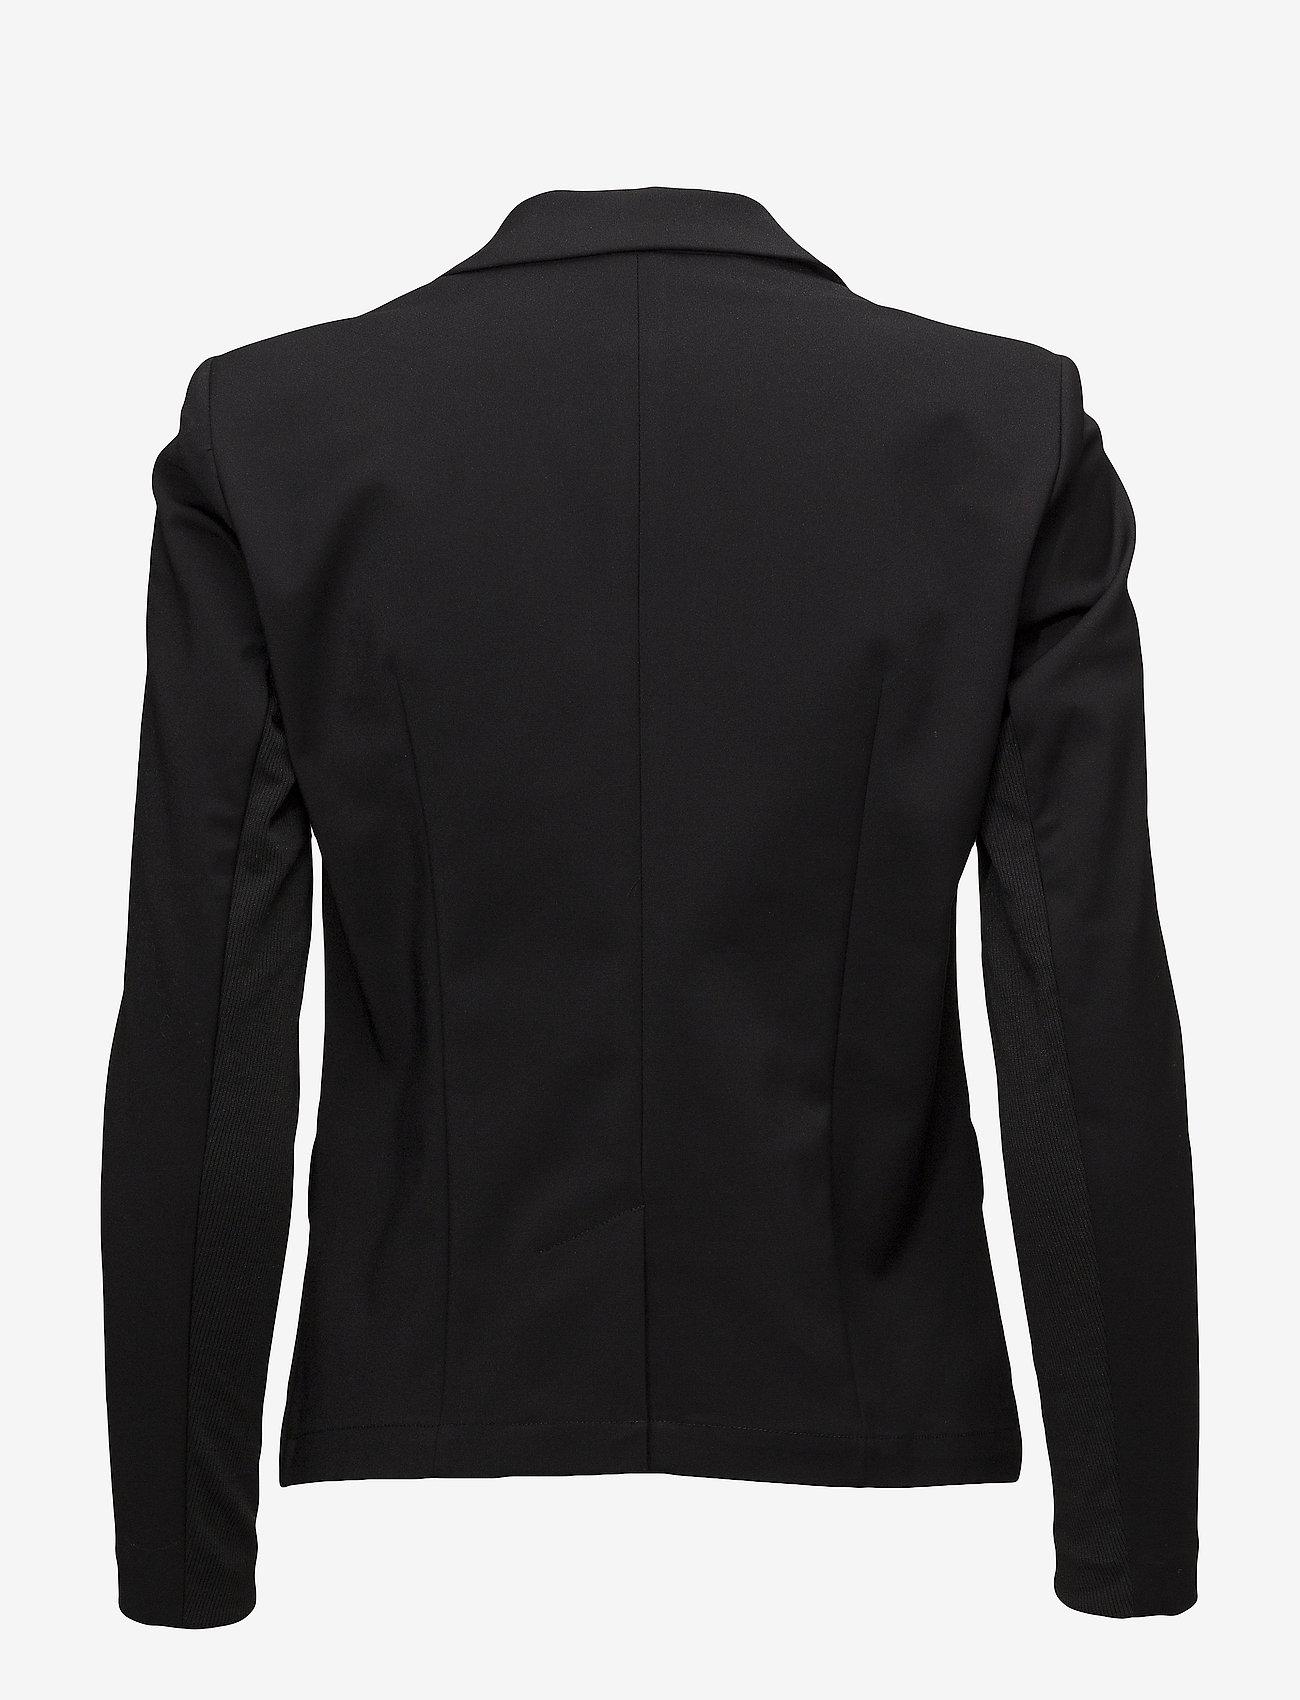 Coster Copenhagen - Suit jacket - vardagskavajer - black - 1